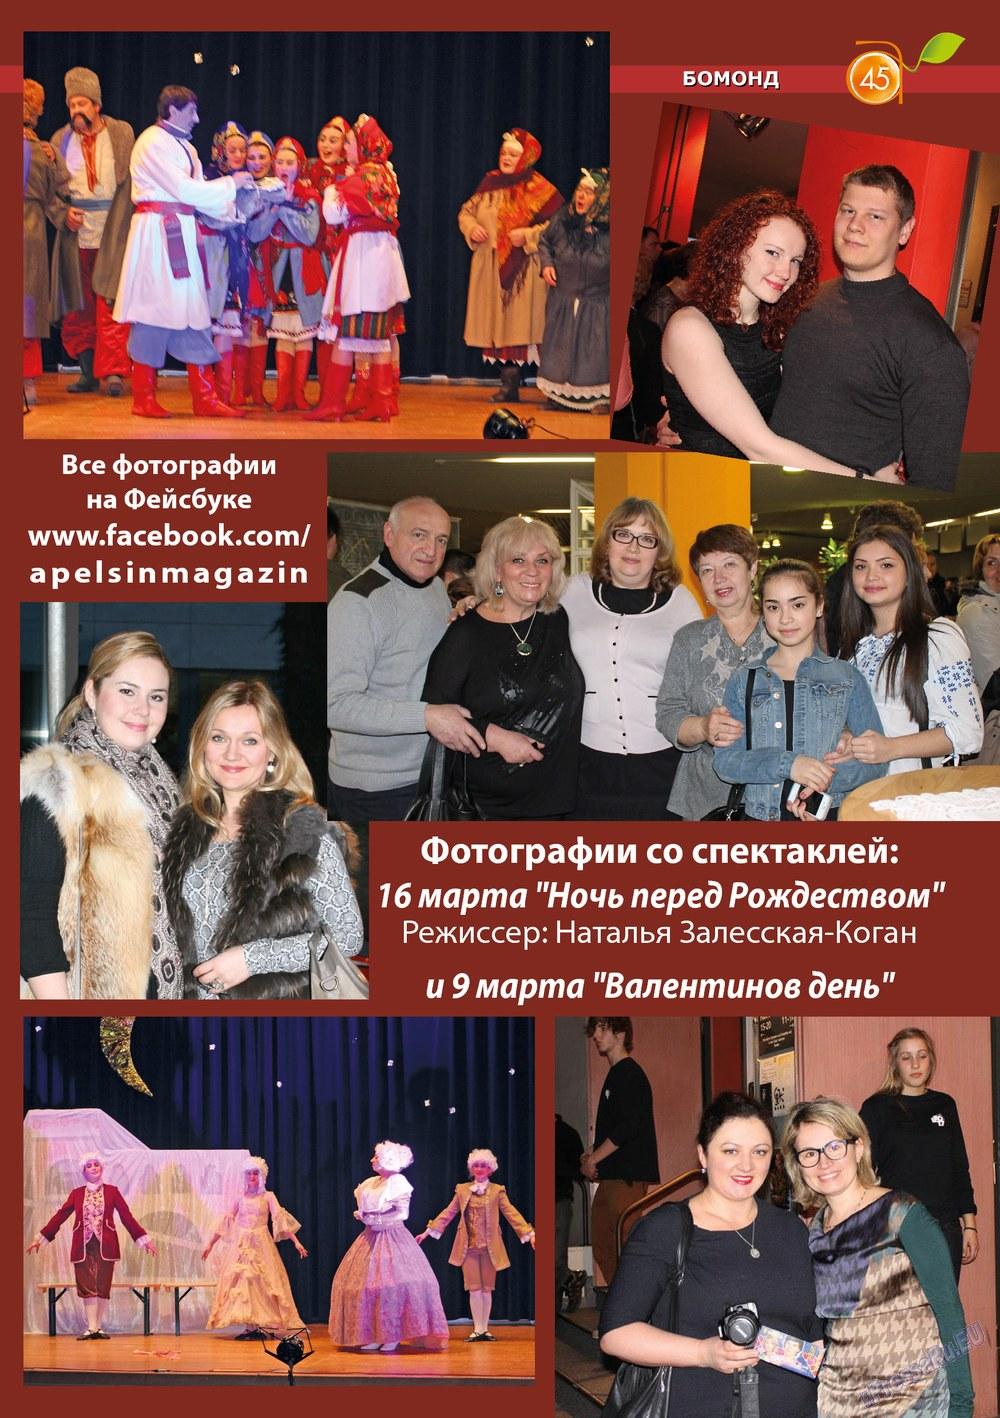 Апельсин (журнал). 2013 год, номер 45, стр. 43